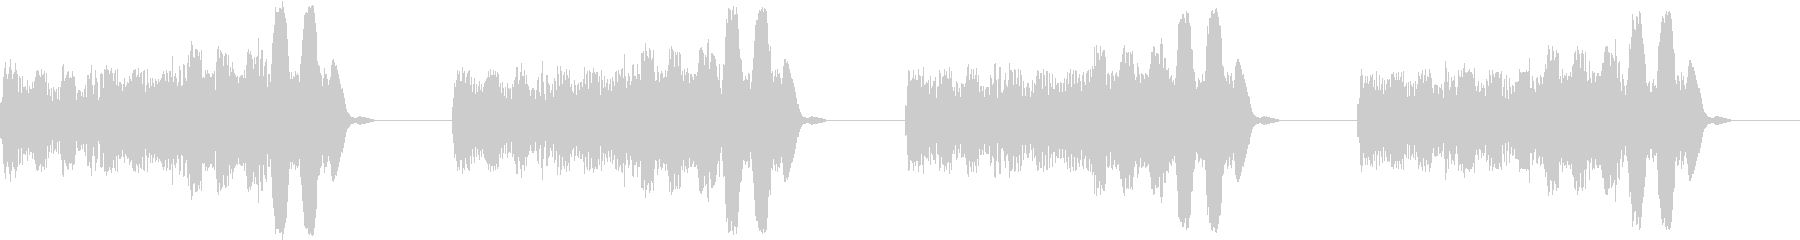 アラーム 電話 未来的 宇宙船 ブザー2の未再生の波形